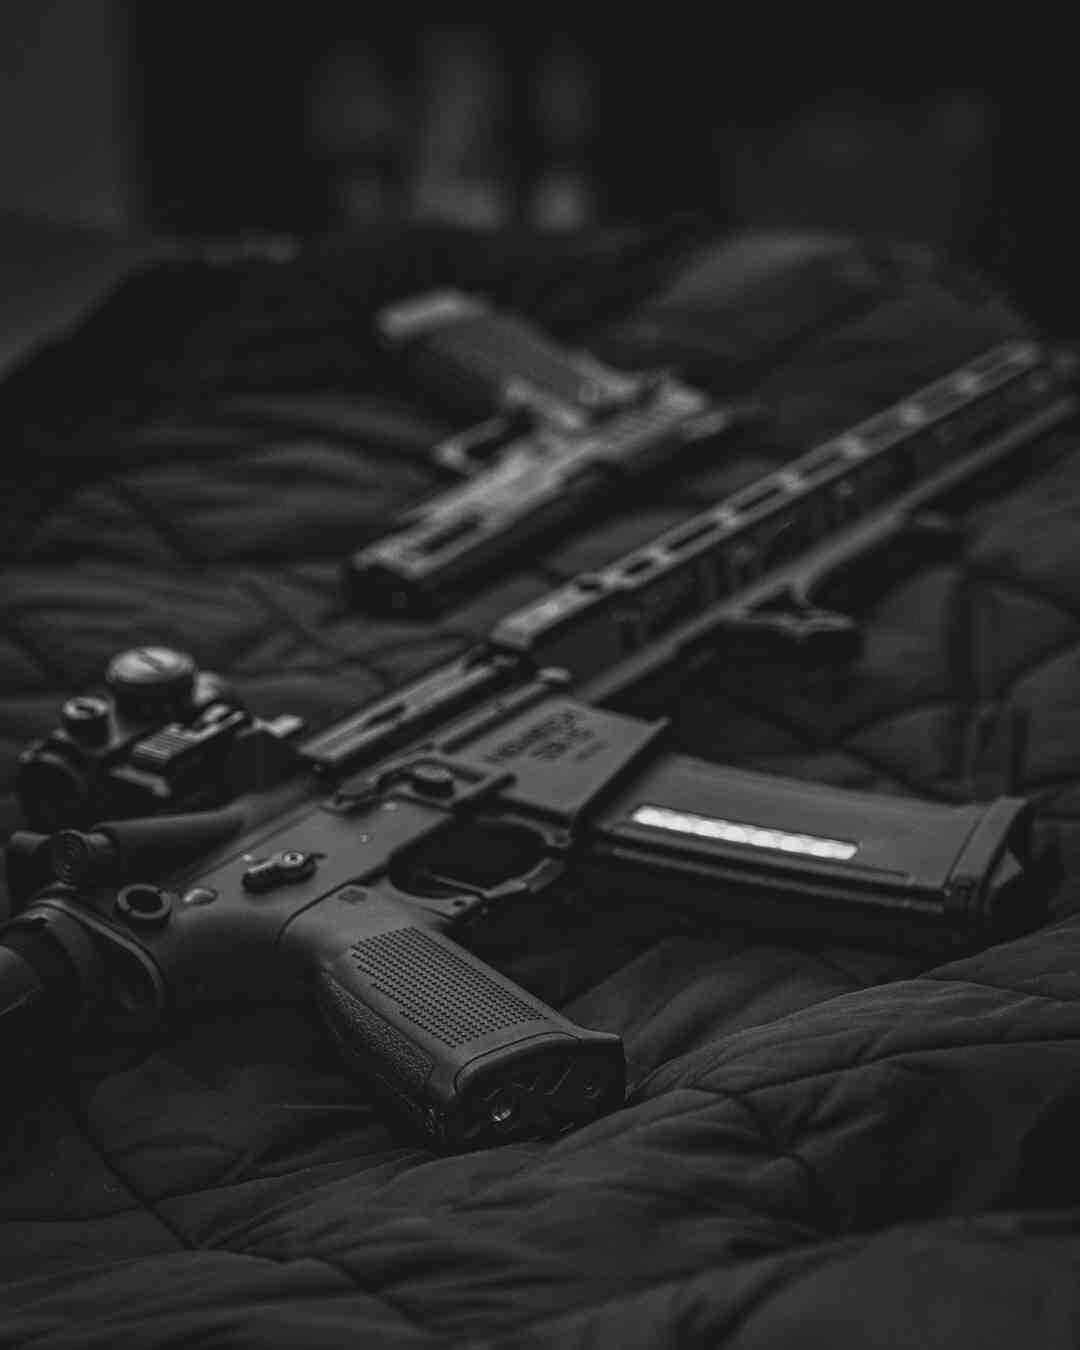 Pode deixar o pente da pistola carregado?